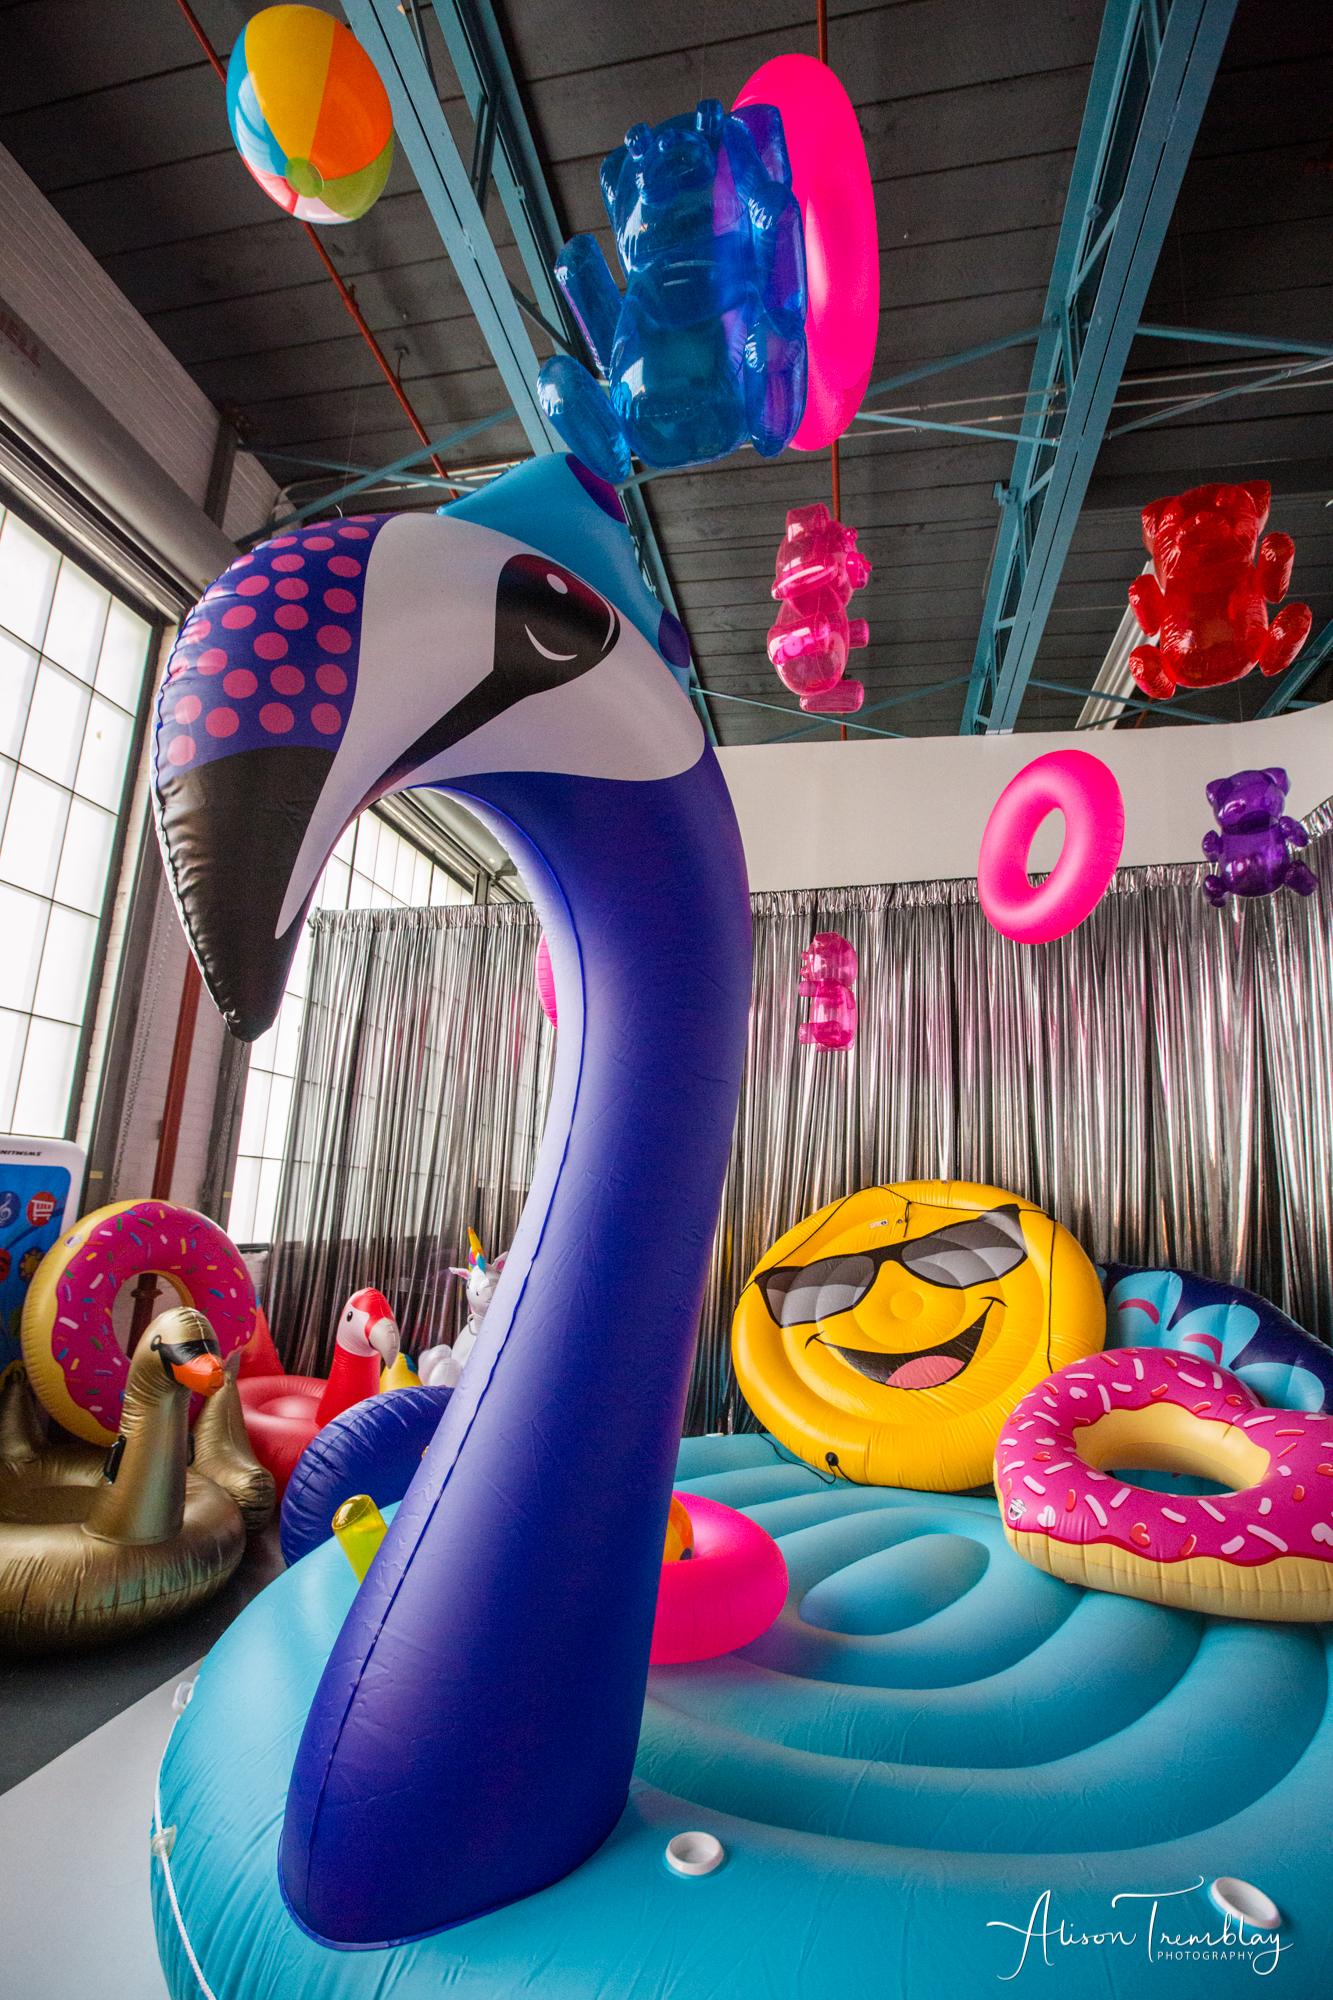 pool-party-float-room-instagram-selfie-r